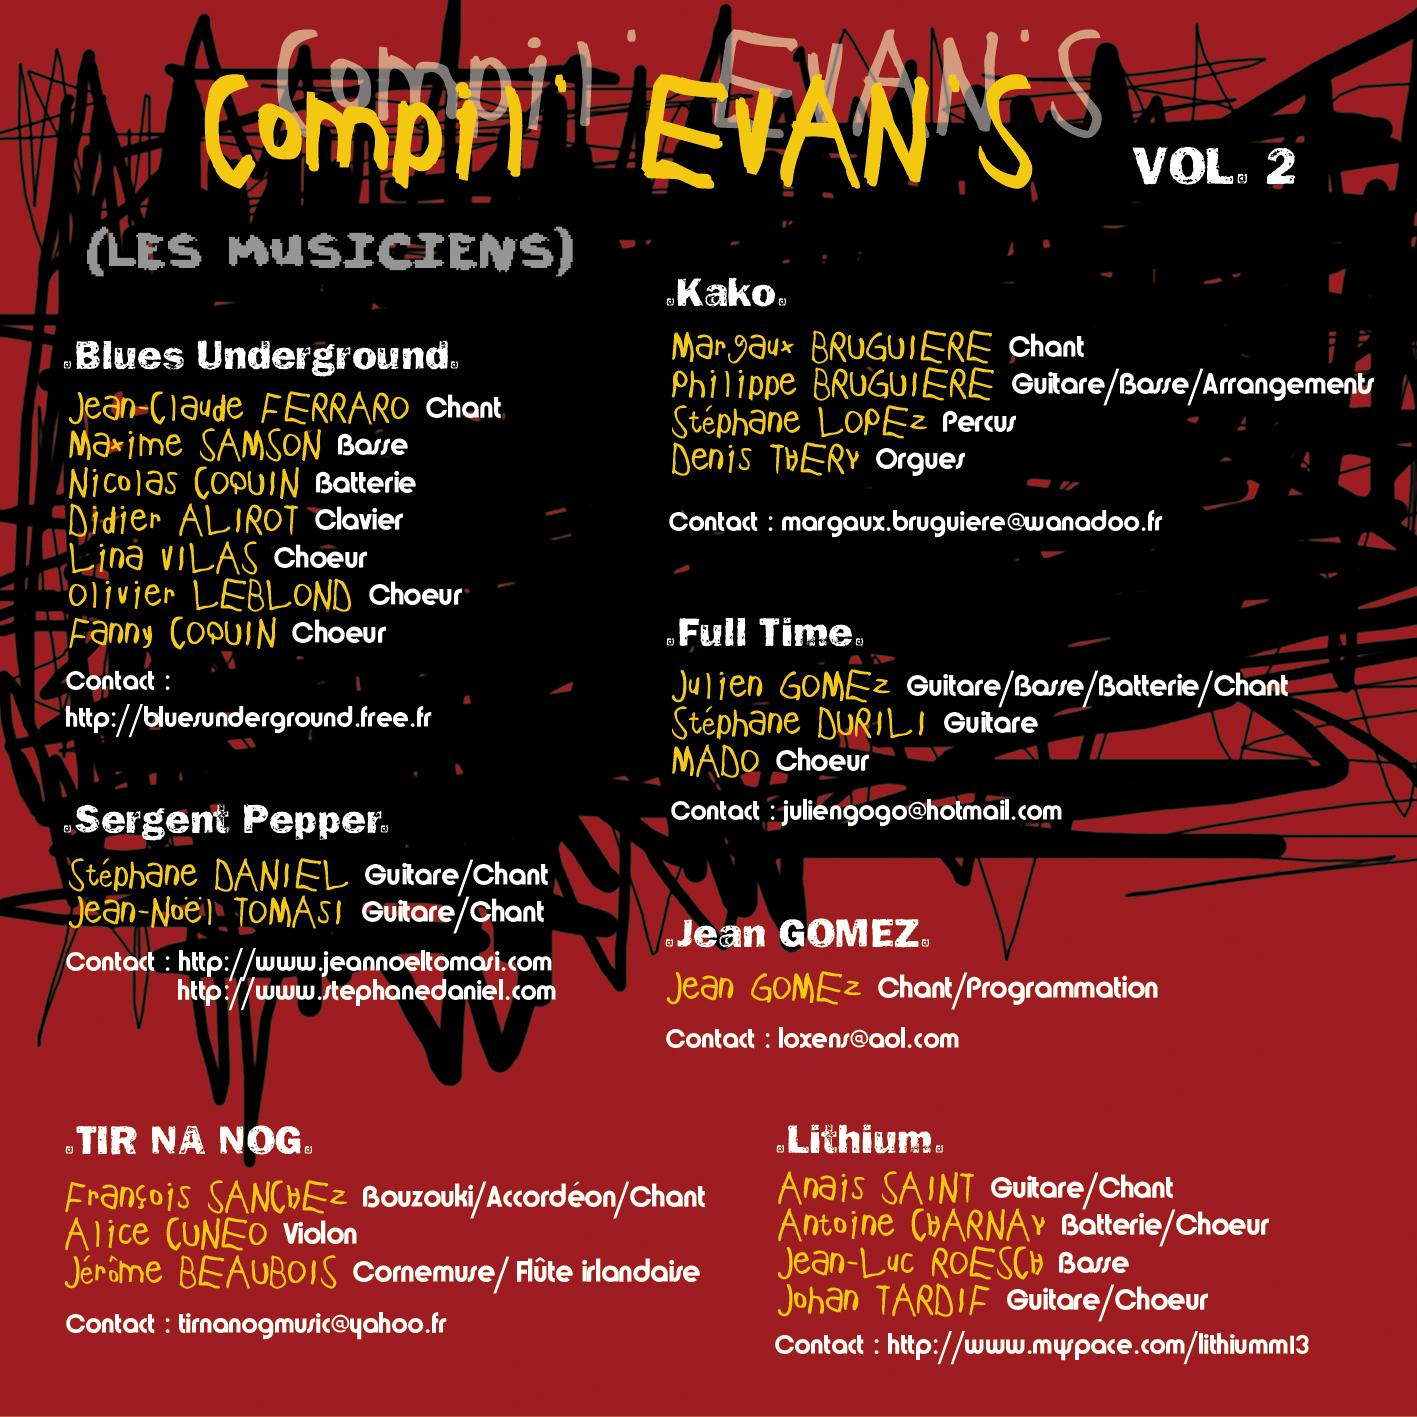 Compil Evans vol.2